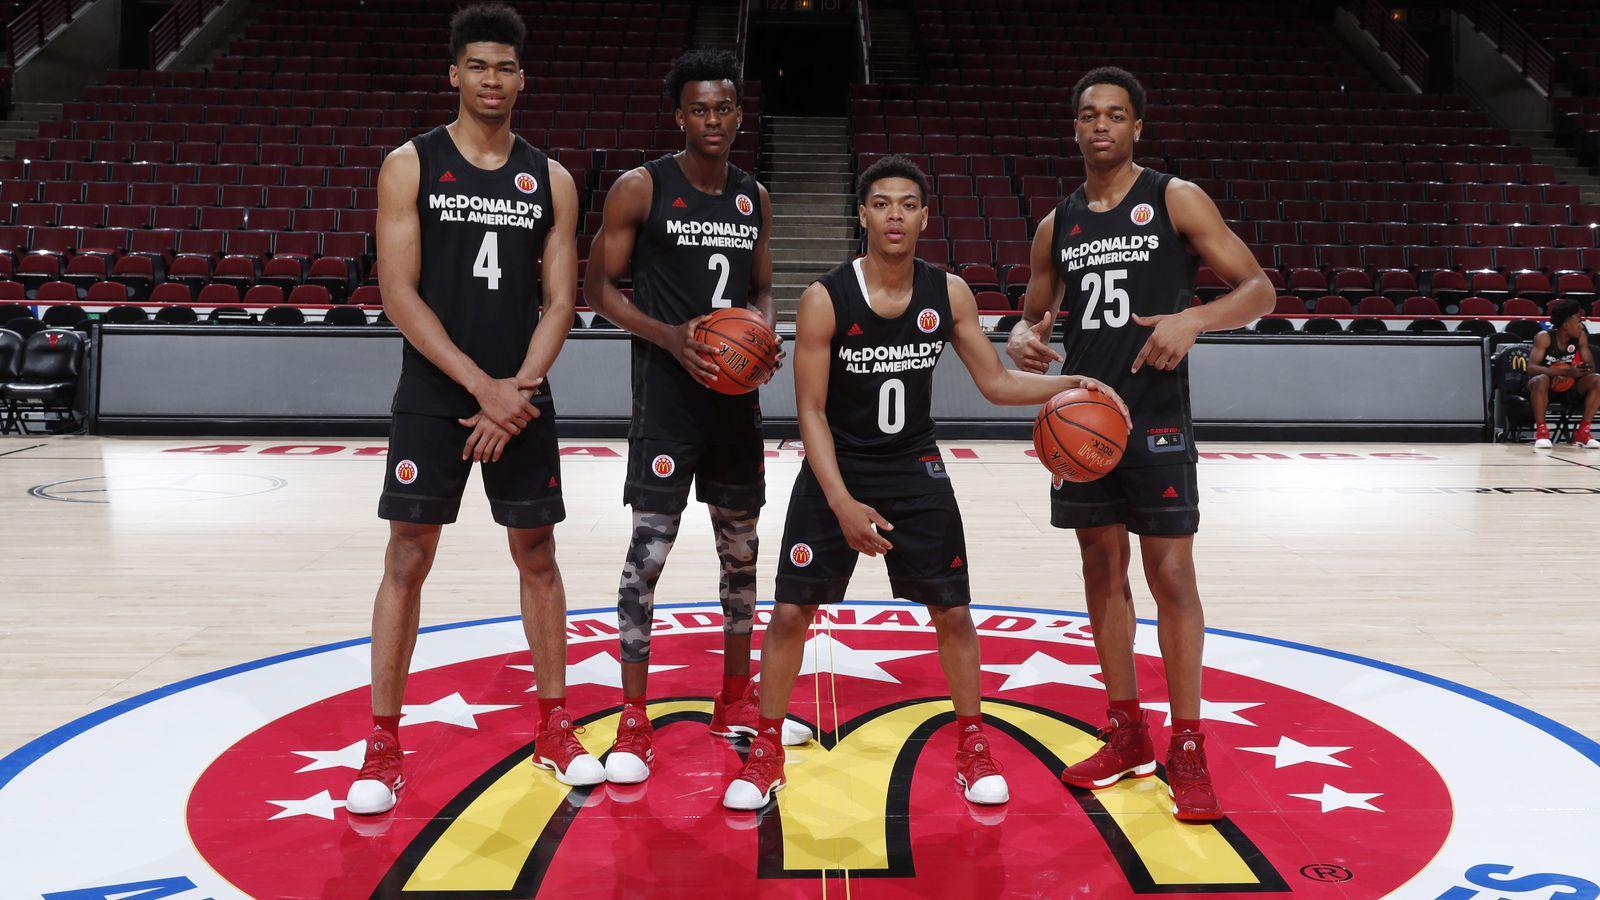 Kentucky Basketball 2017 18 Season Preview For The Wildcats: Kentucky Wildcats Basketball 2017-18 Roster Unveiled